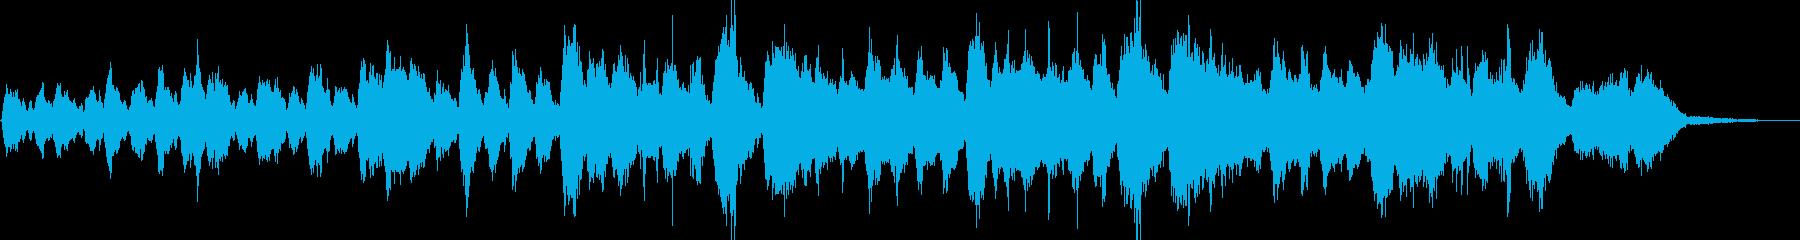 壮大で安らかなストリングスアンビエントの再生済みの波形